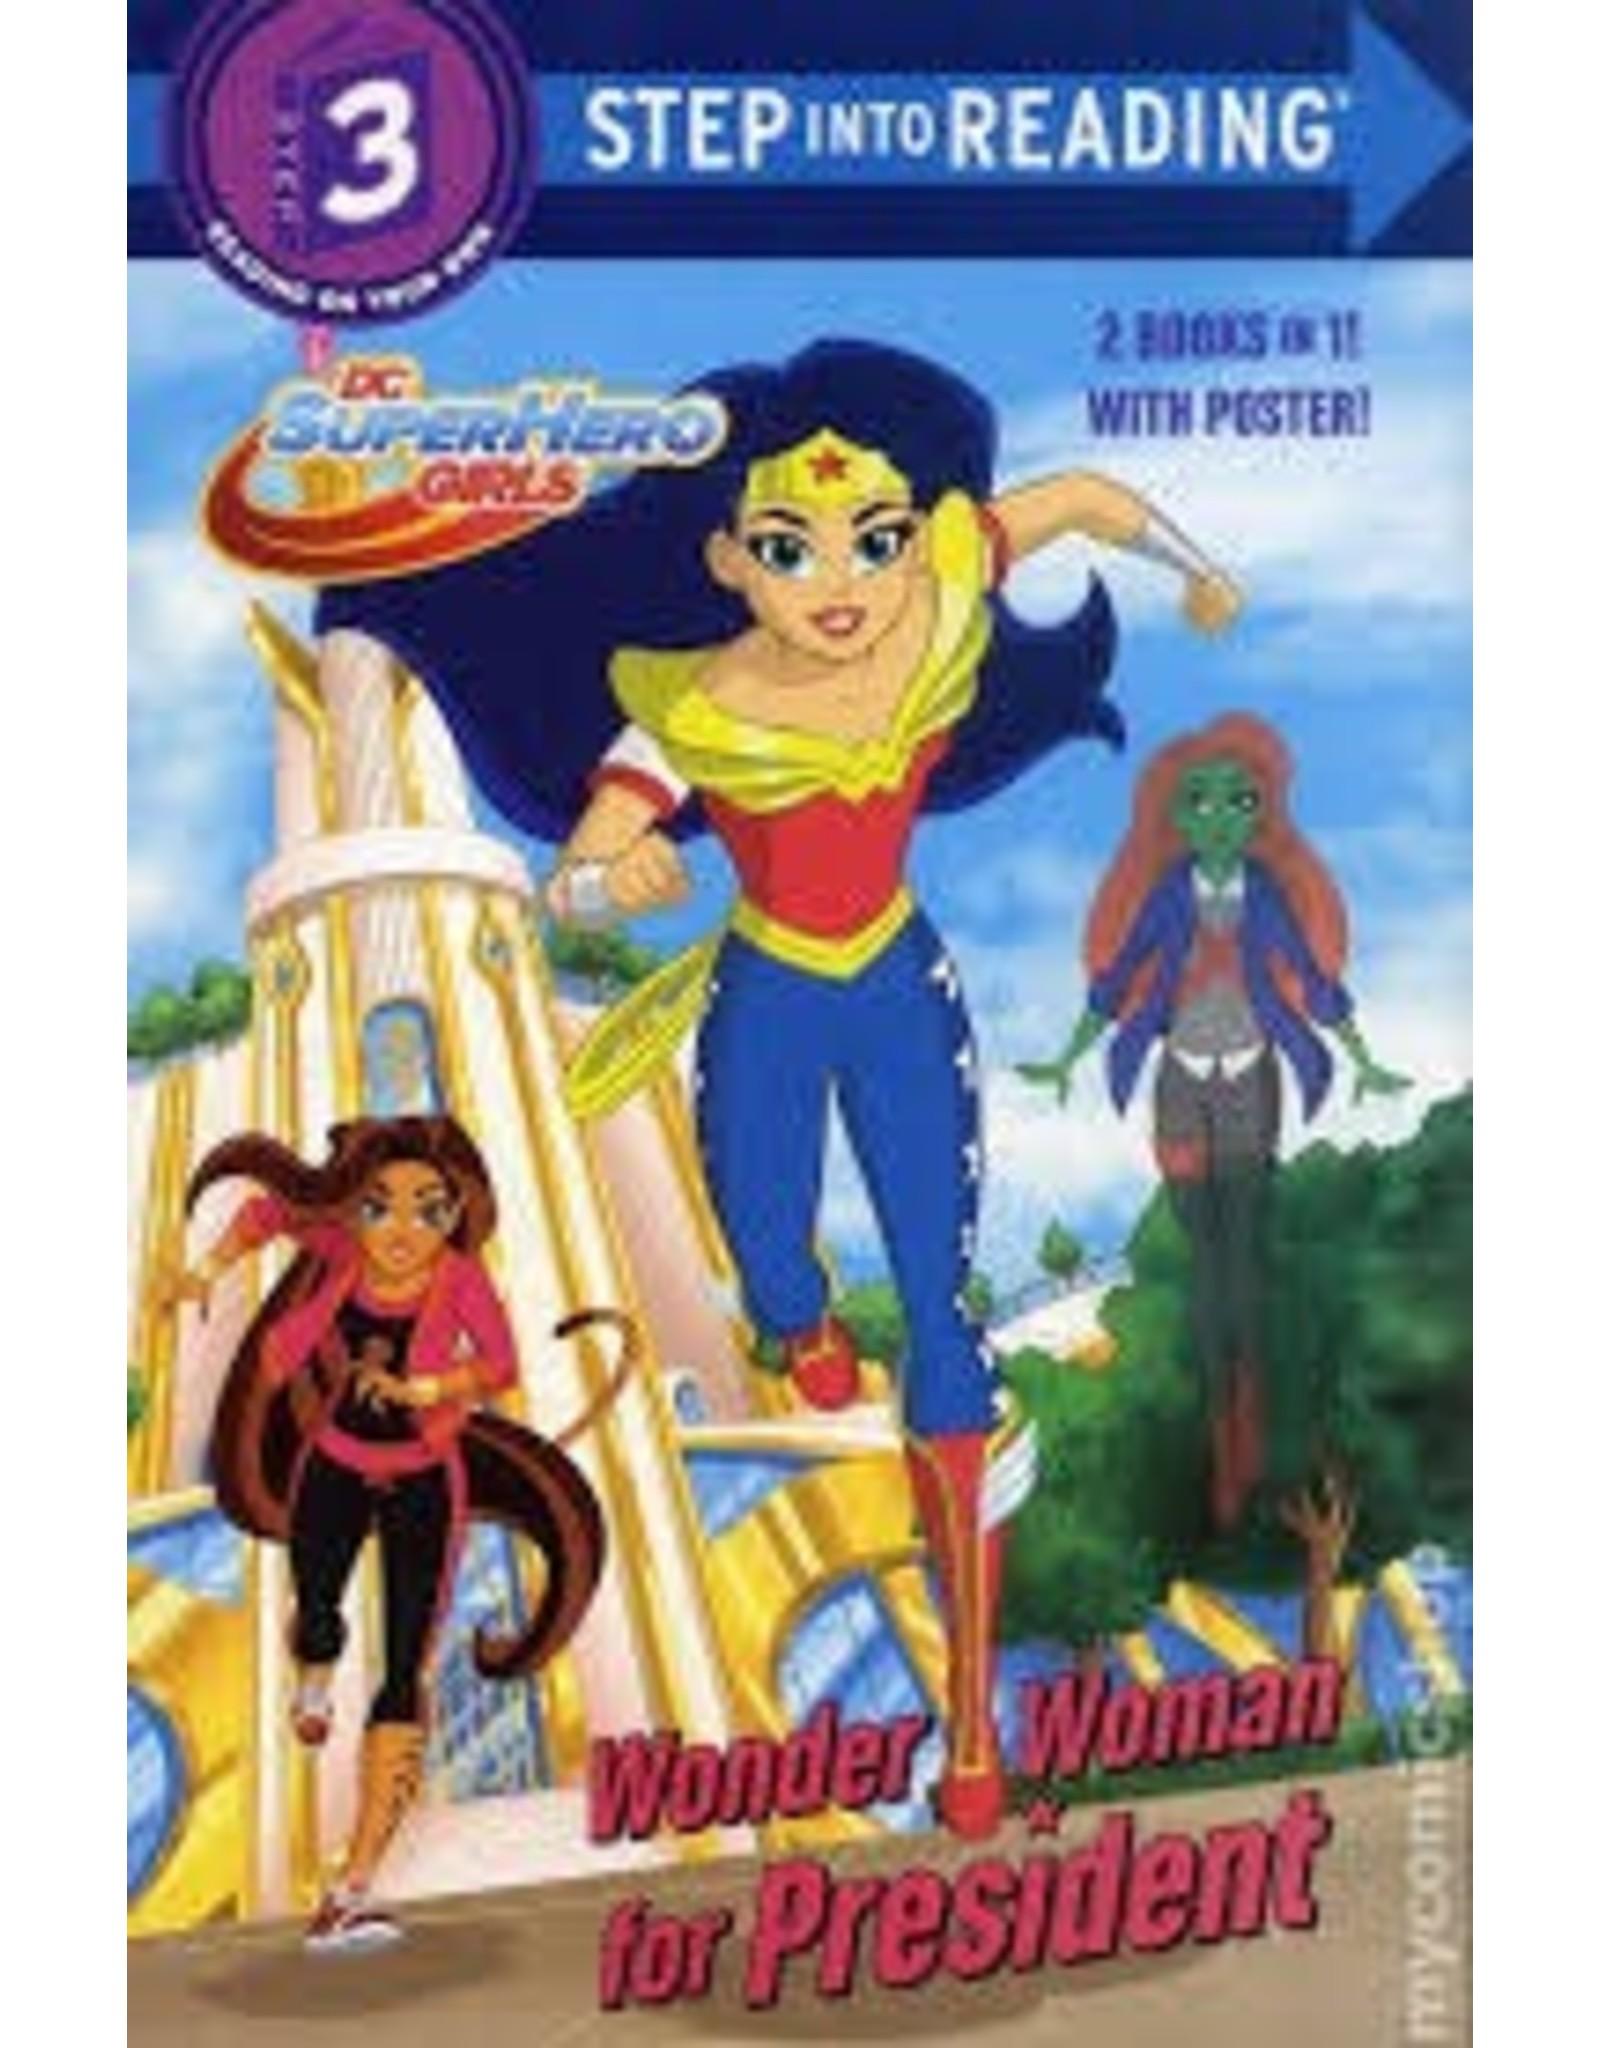 DC SUPER HERO GIRLS WONDER WOMAN FOR PRESIDENT